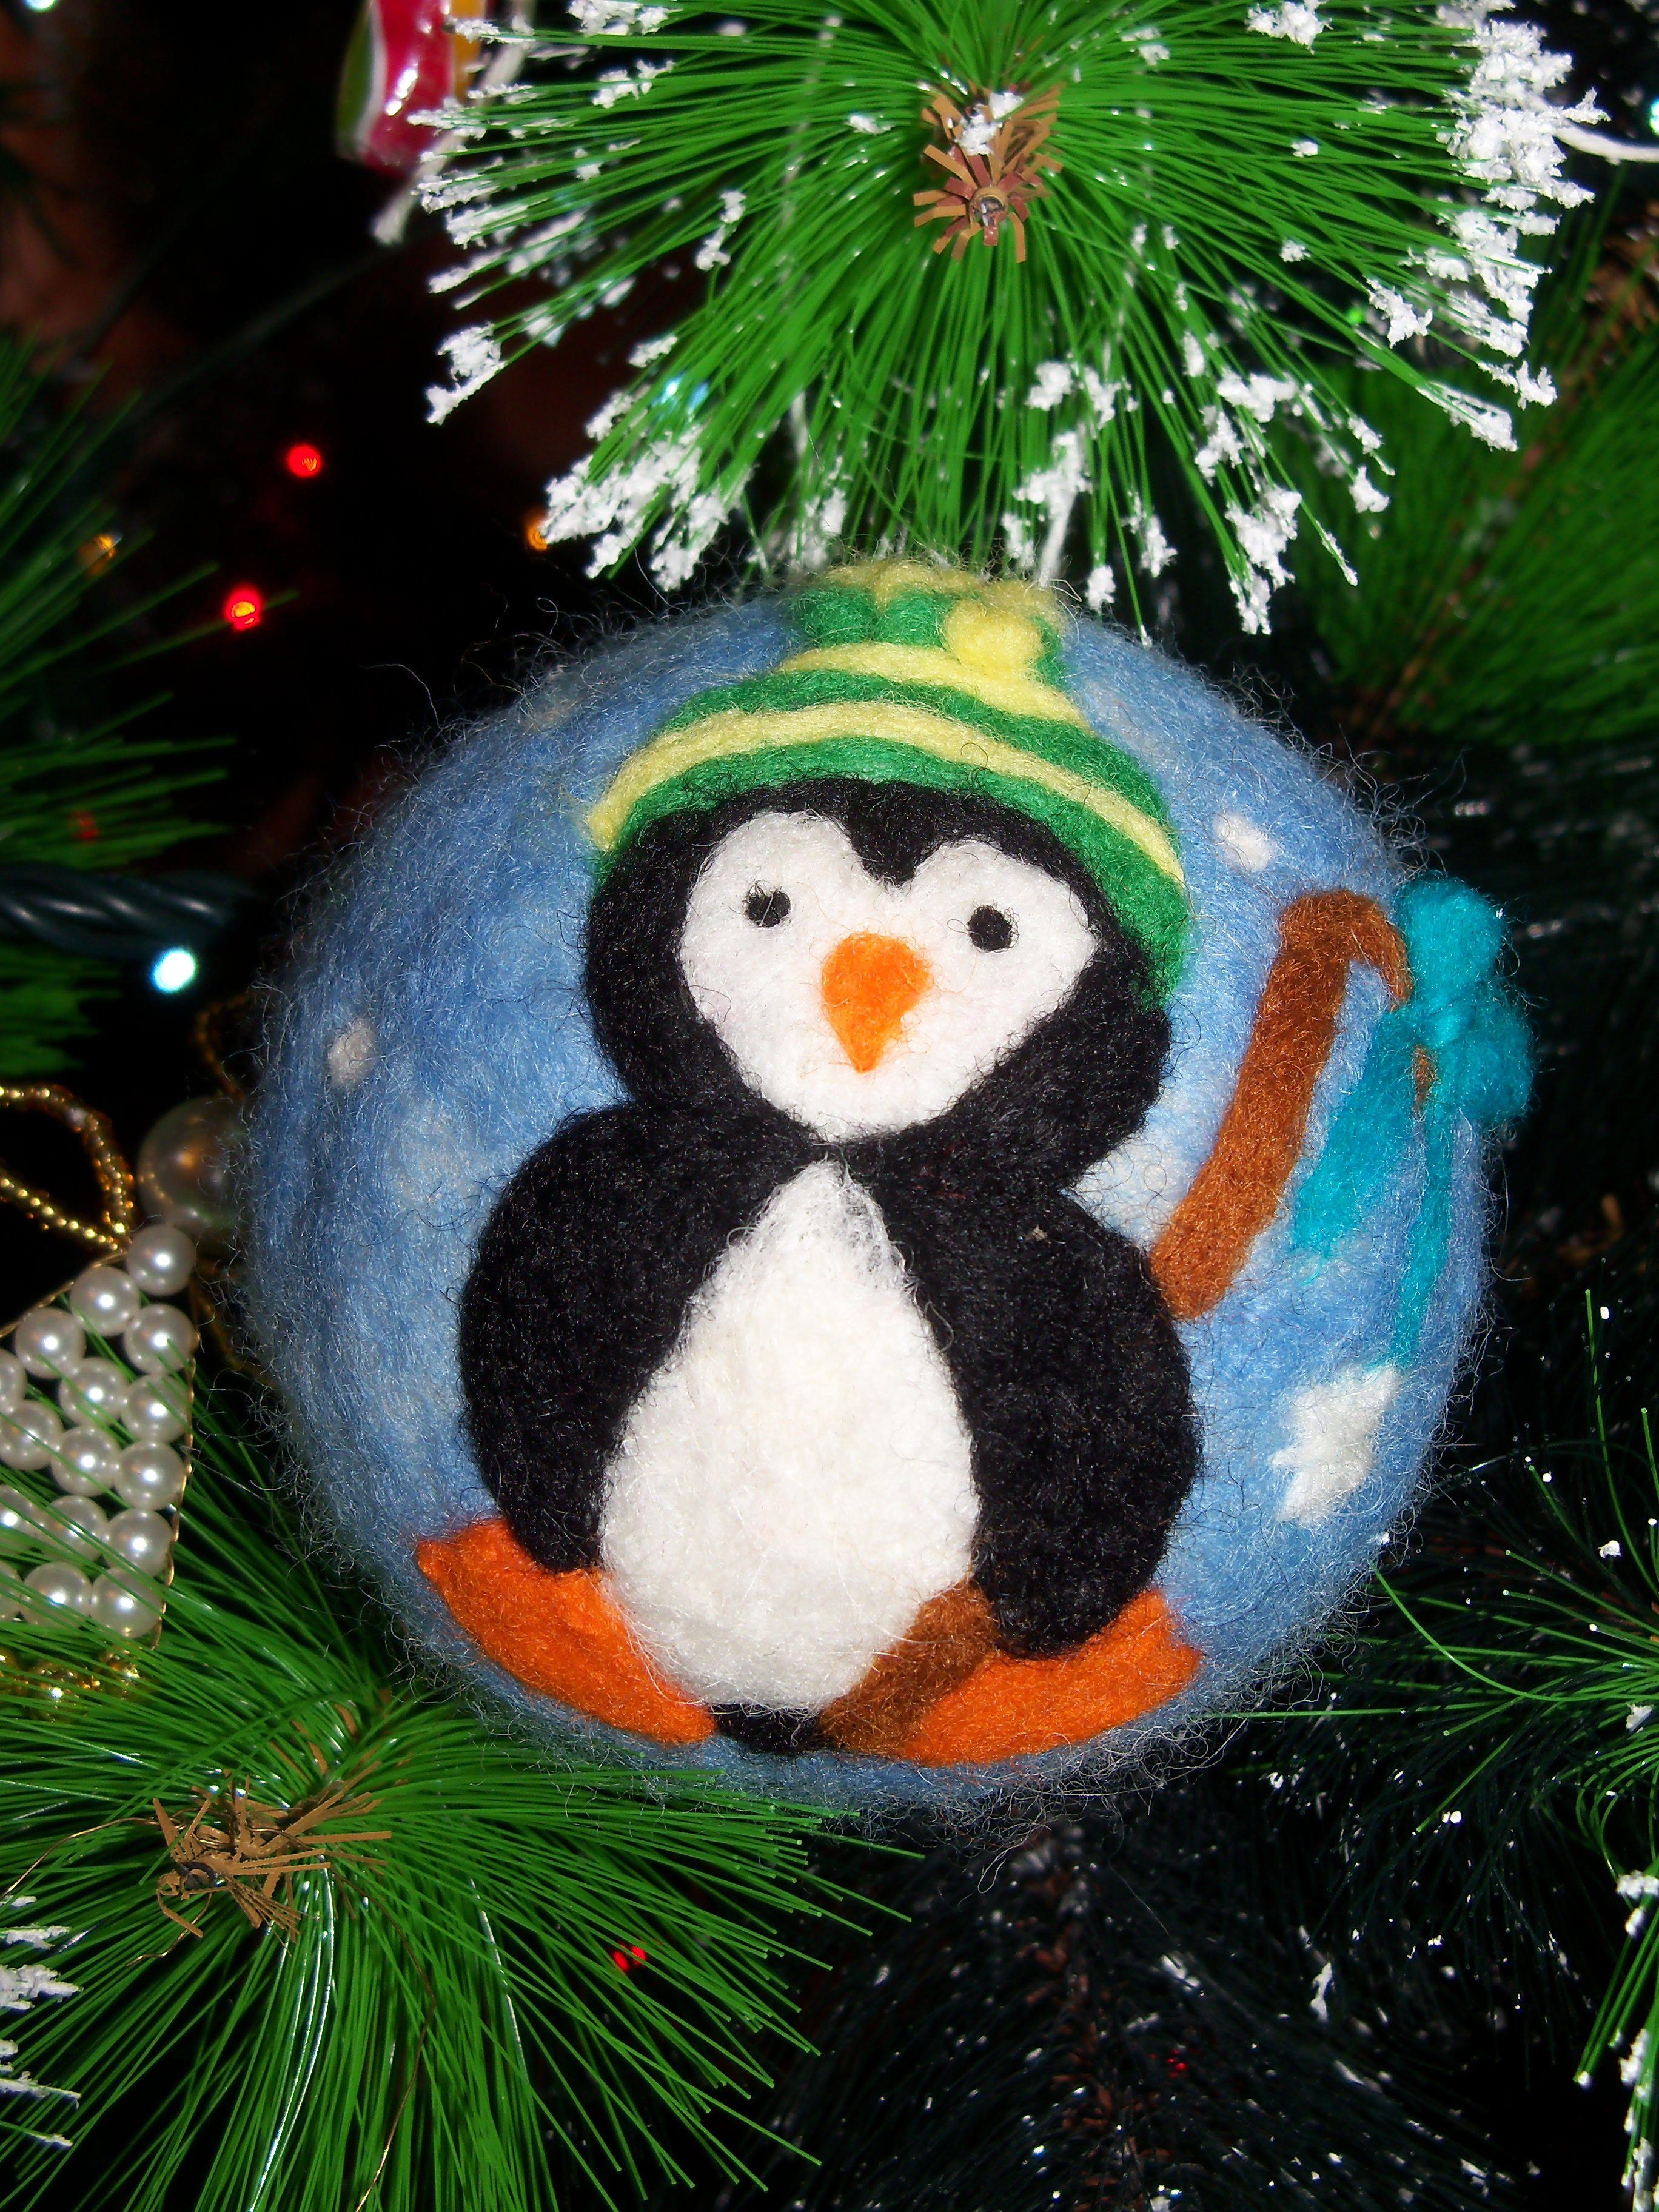 Pallina Di Natale In Lana Cardata Un Simpatico Pinguino Christmas Felted